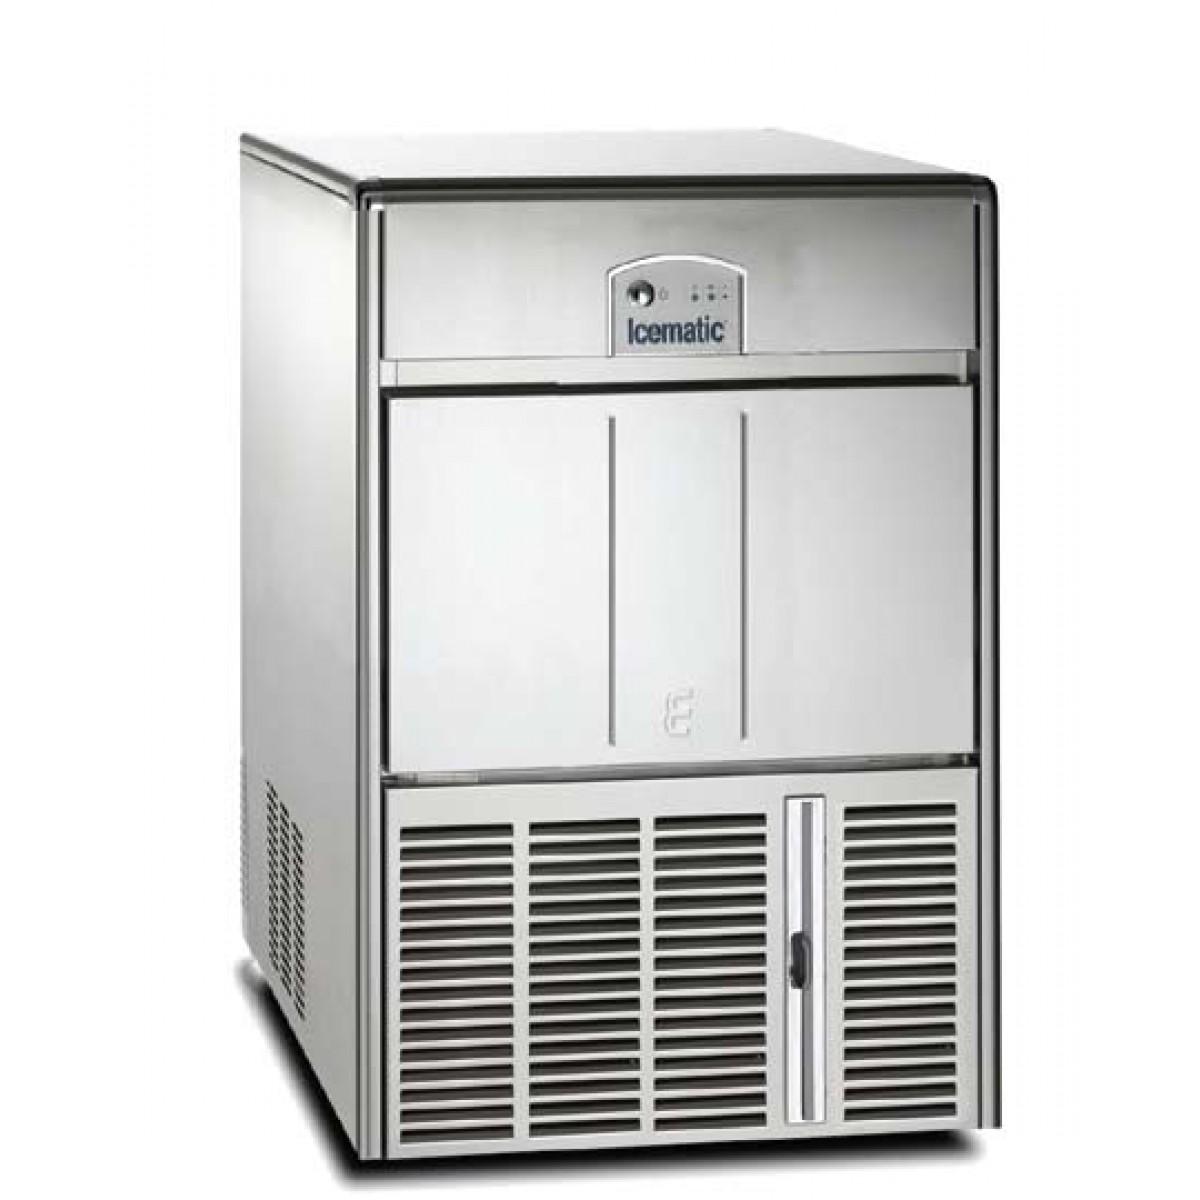 ugostiteljska oprema, hladnjak, oprema za ugostiteljstvo, opremanje, kuhinje, ledomat